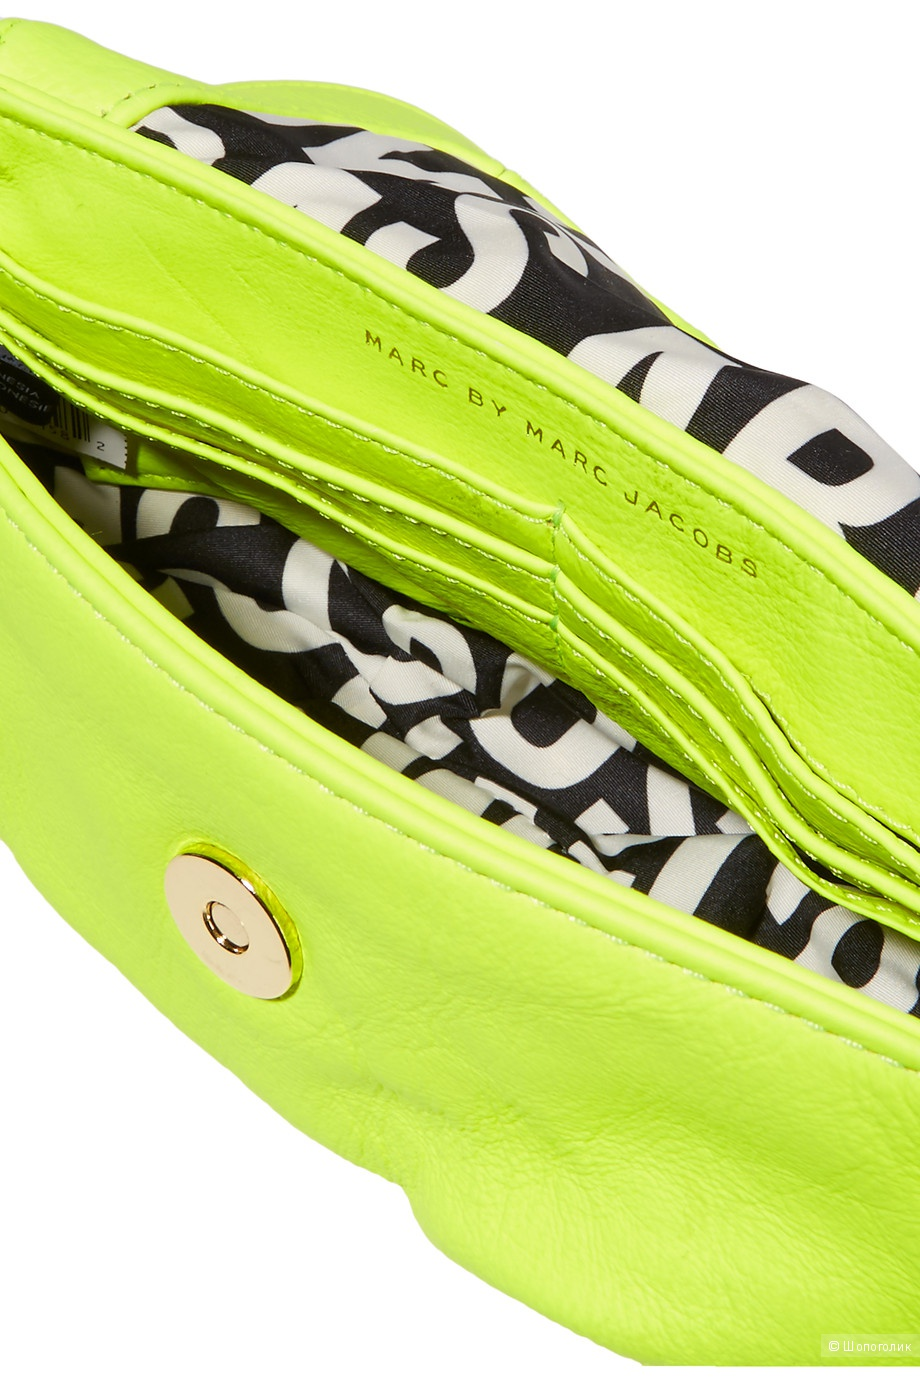 Неоновая маленькая сумочка  Marc by Marc Jacobs, оригинал.